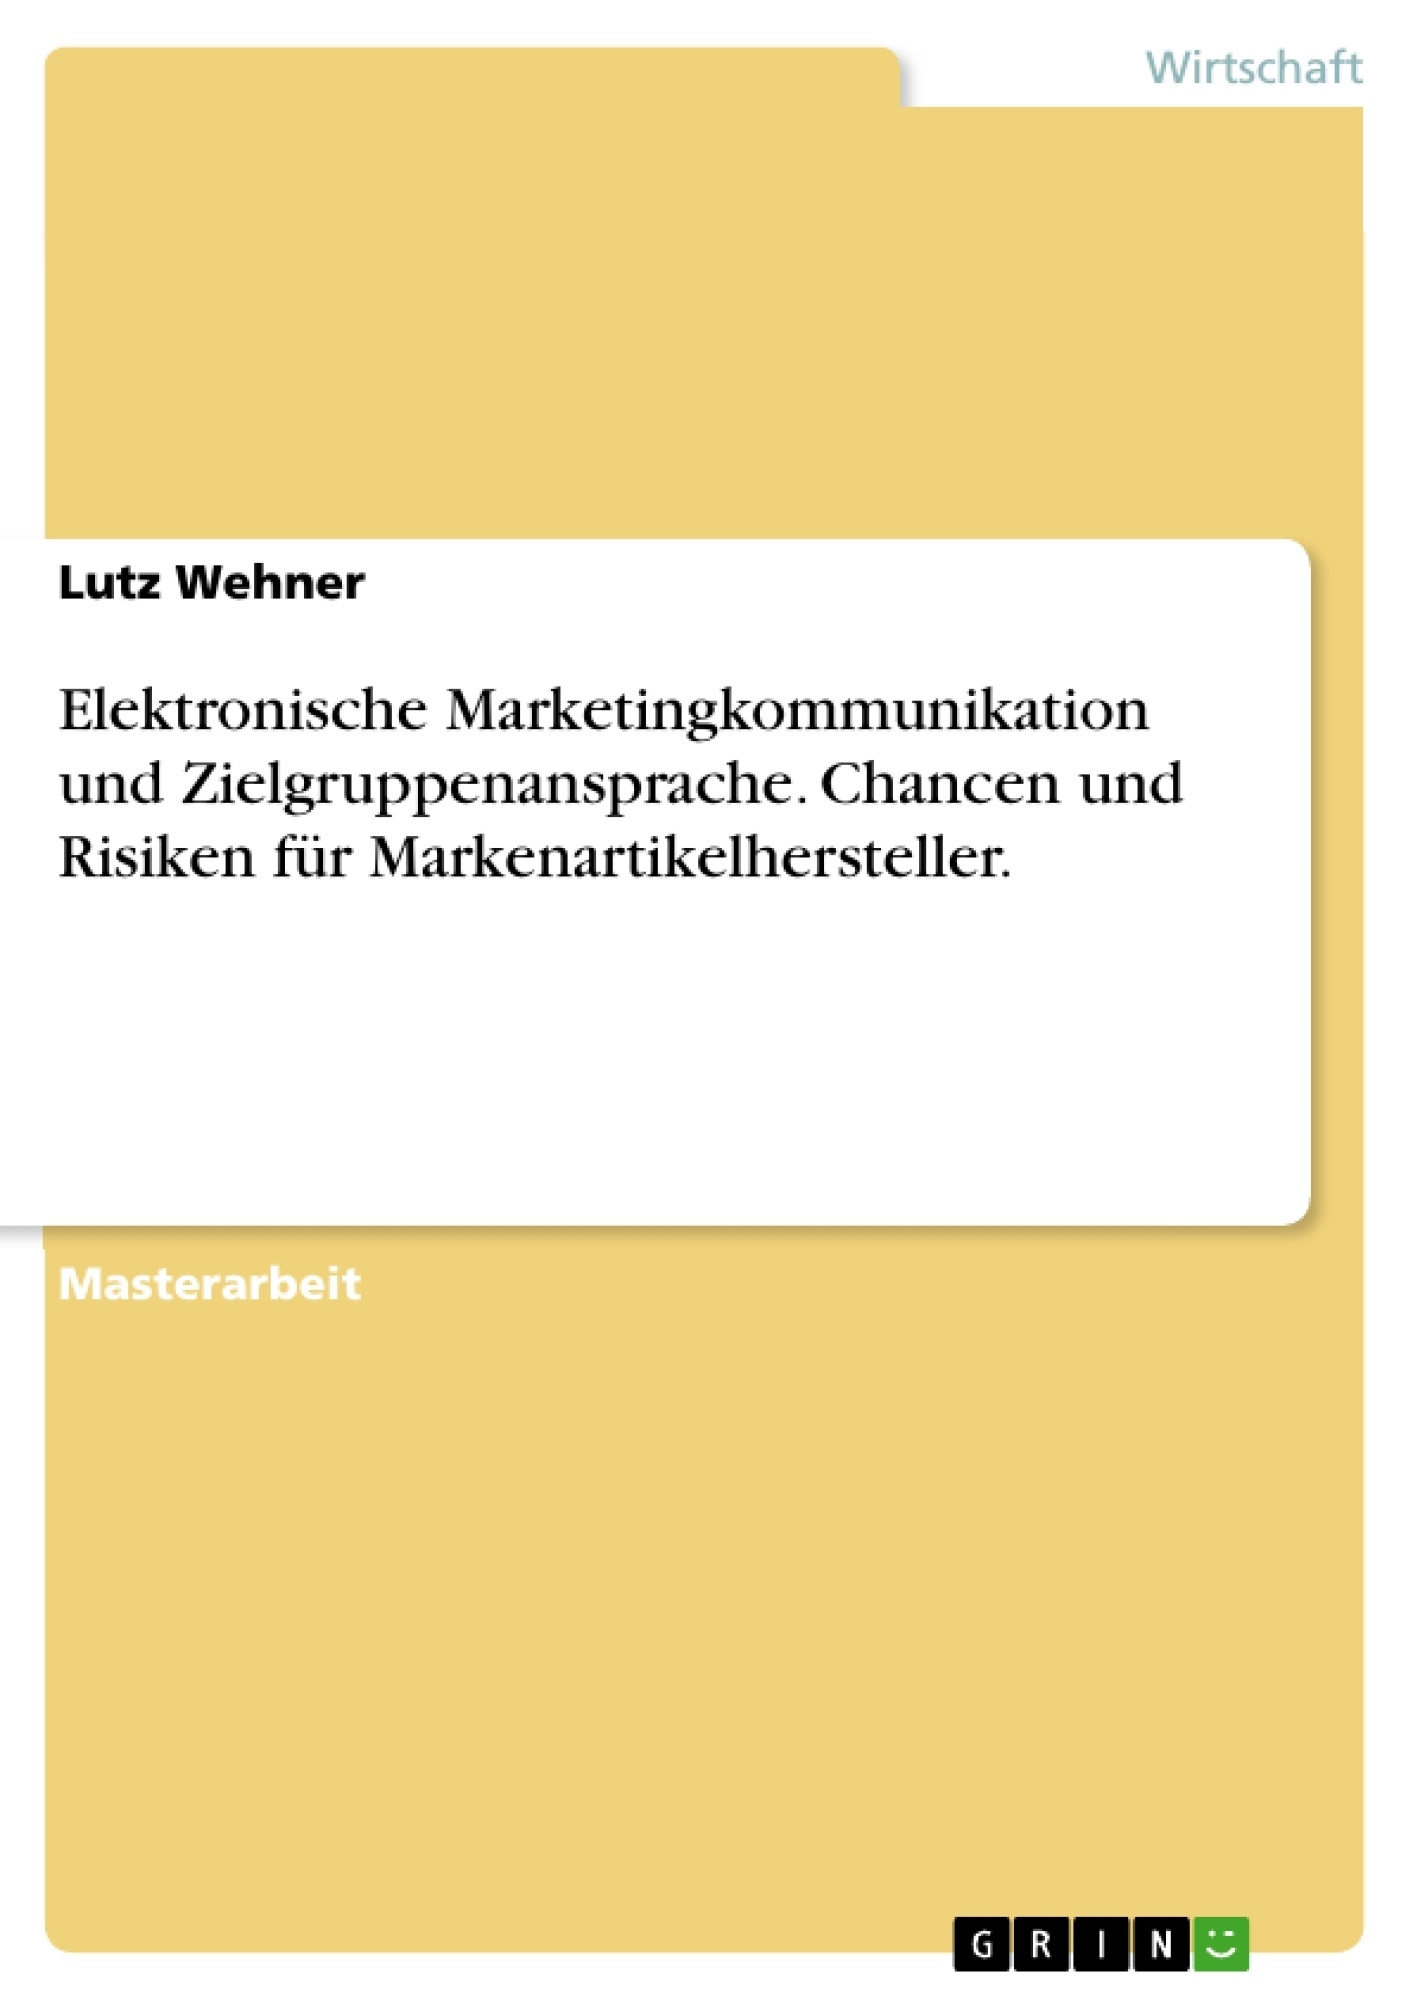 Titel: Elektronische Marketingkommunikation und Zielgruppenansprache. Chancen und Risiken für Markenartikelhersteller.